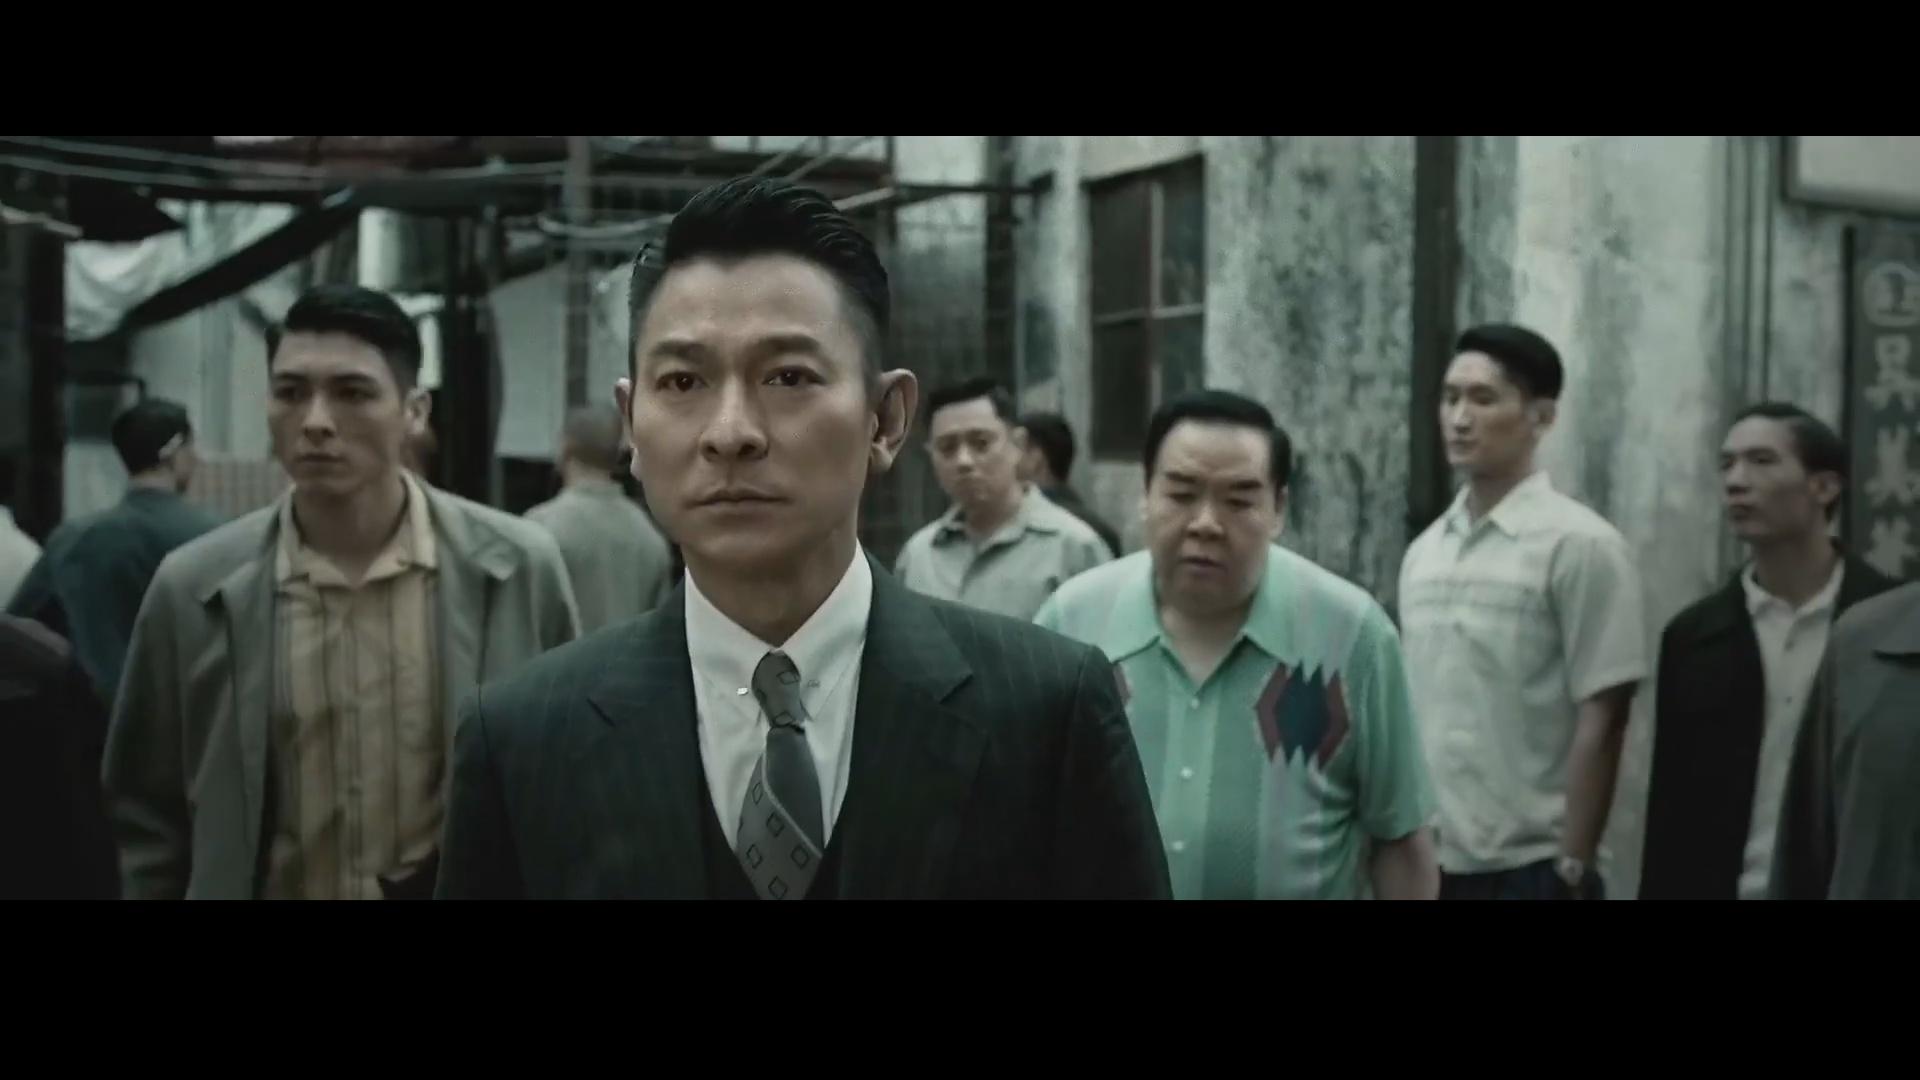 甄子丹刘德华组队耍狠,国庆档双手遮天《追龙》枭雄版预告片